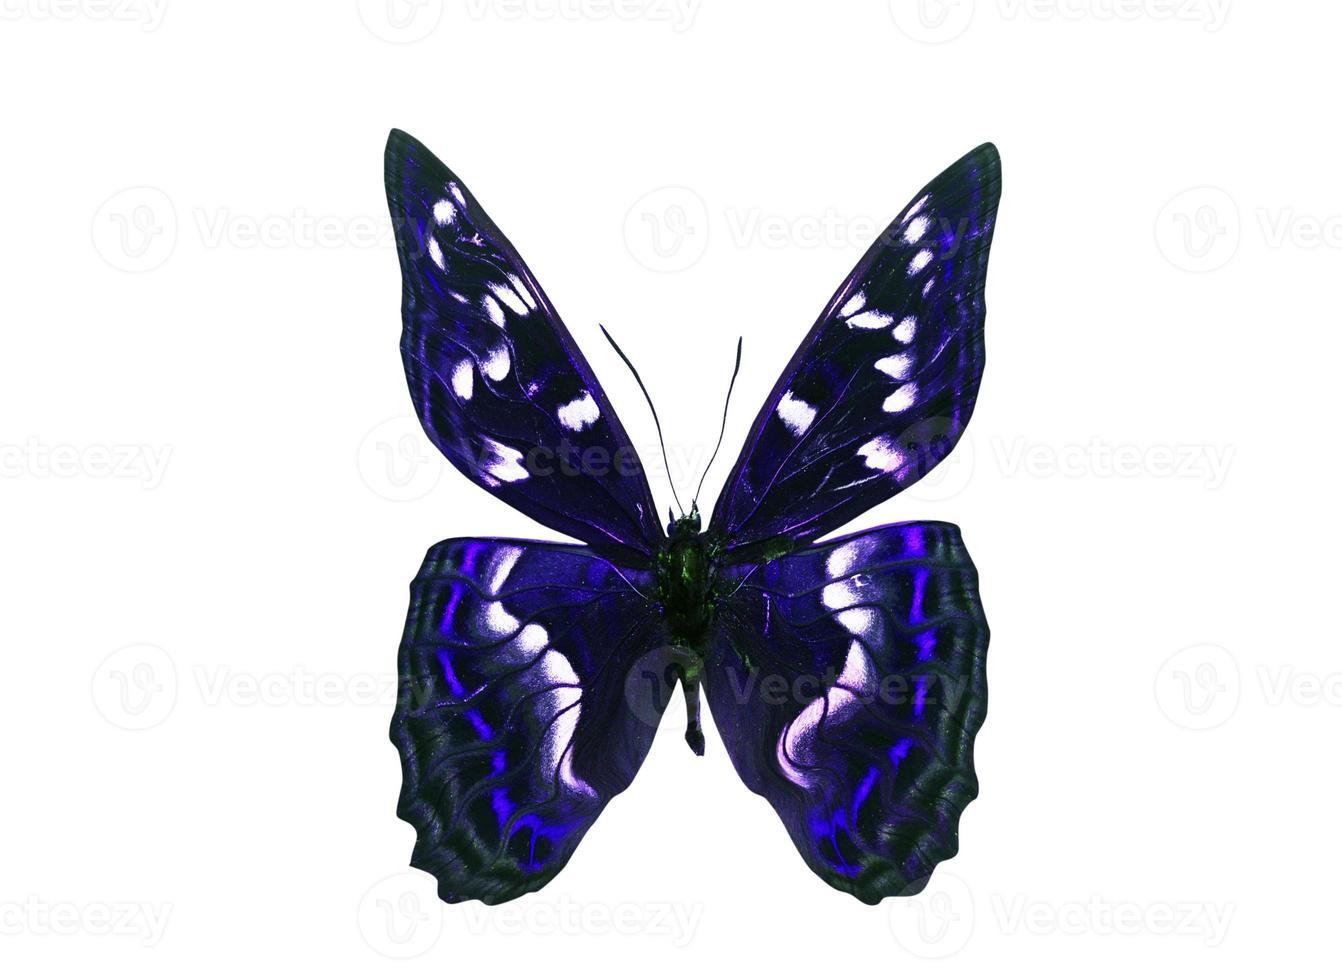 mörk färgfjäril med violetta vingar. isolerad på vit bakgrund foto